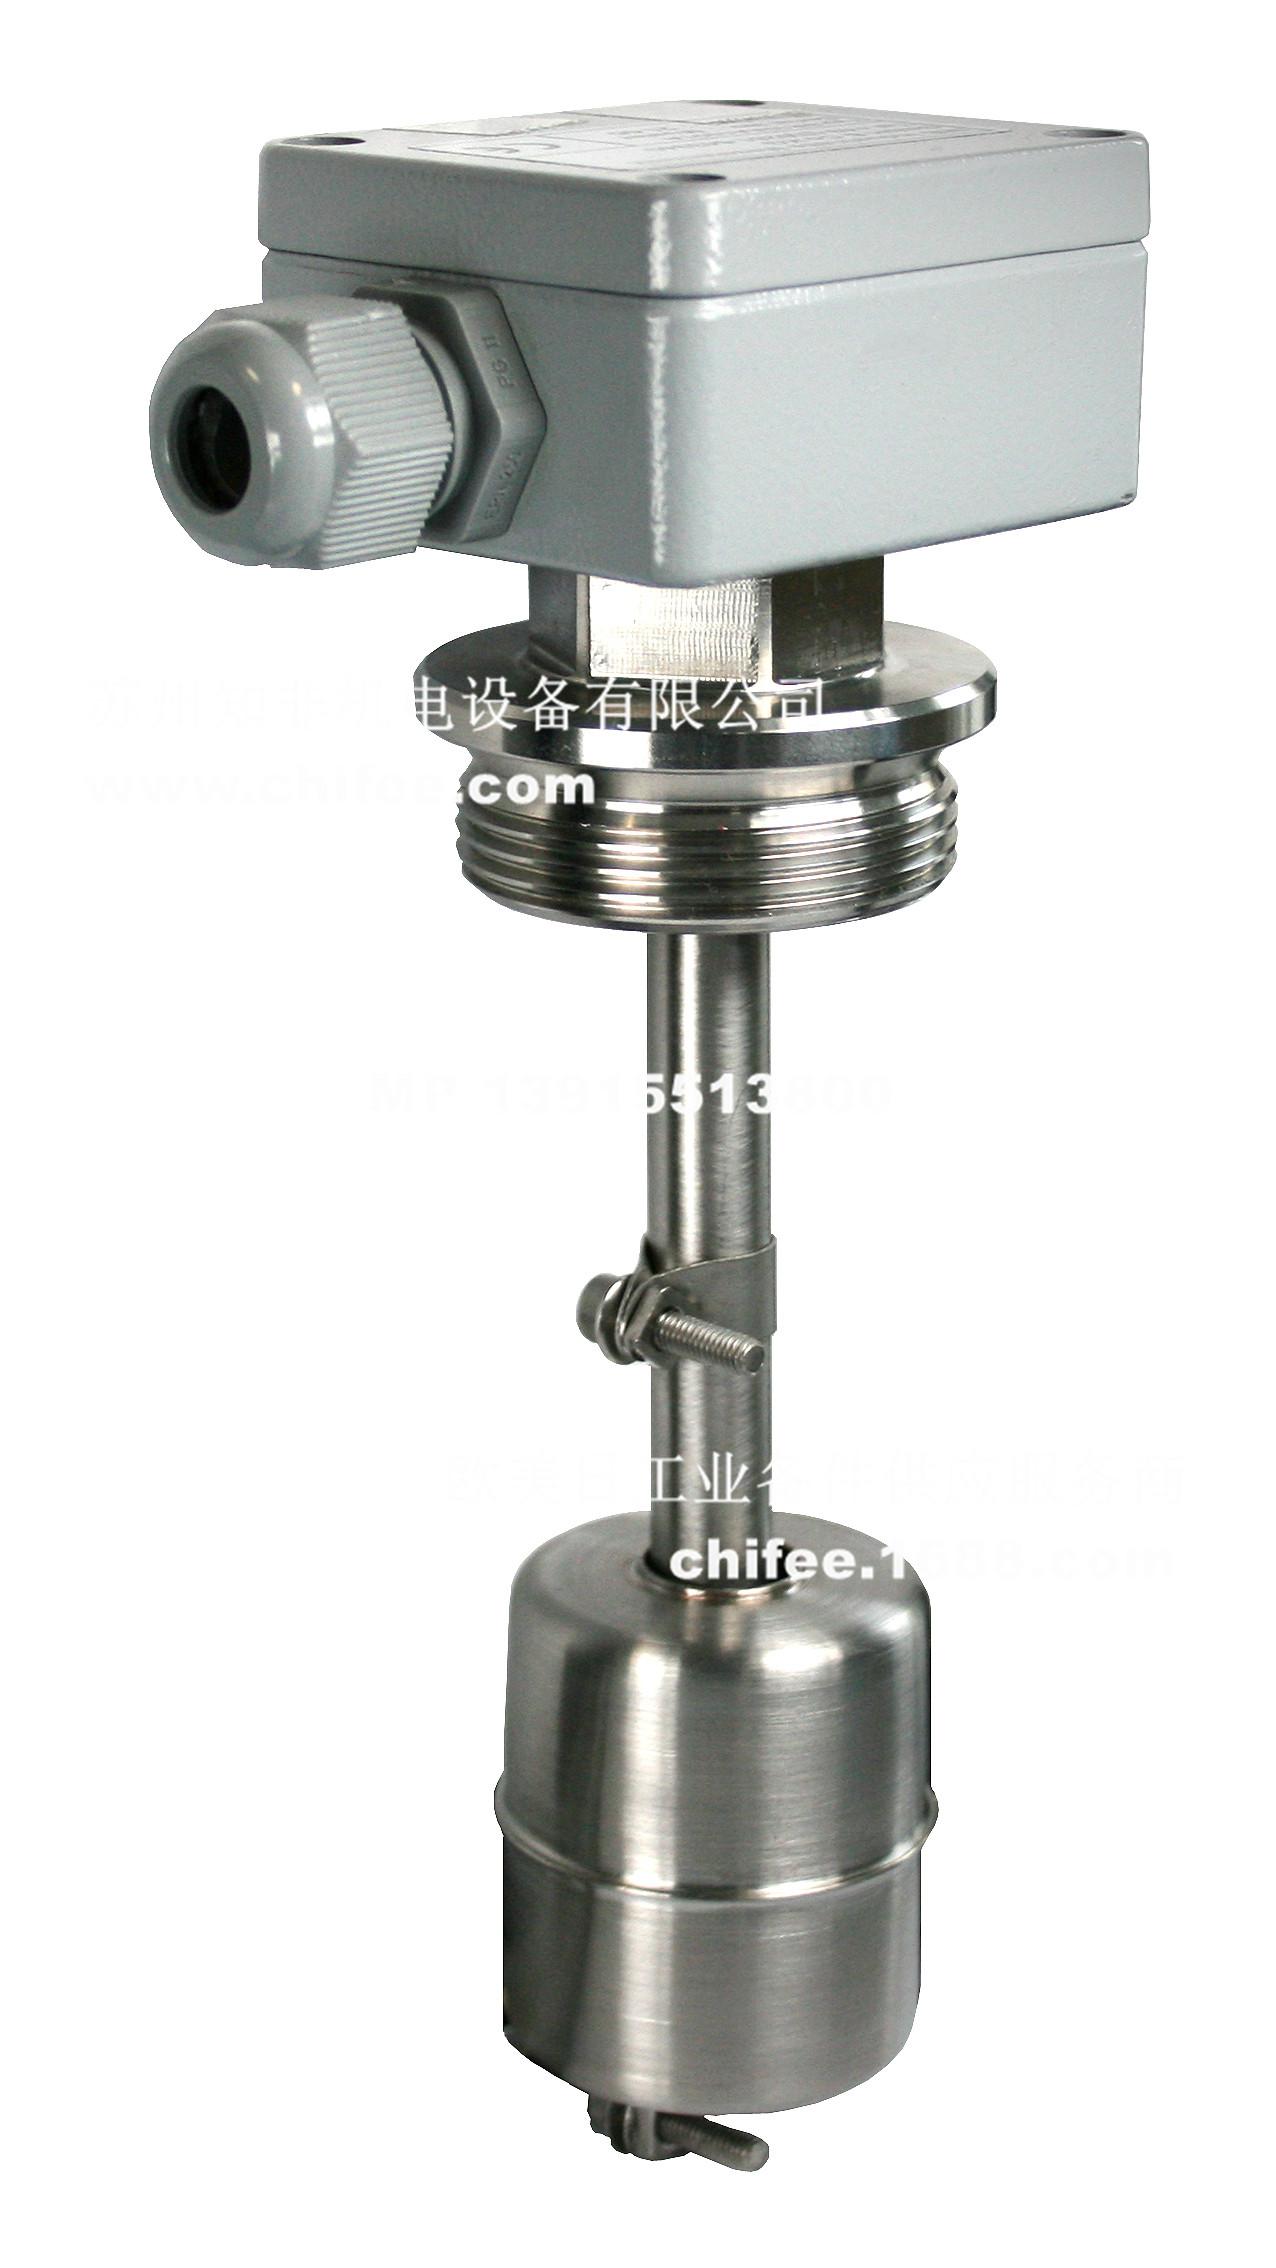 德国IMB光电液位开关CPS01、CPS02、CPS03浮球液位开关OPG01、OPG04数字液位开关MG04、MG05